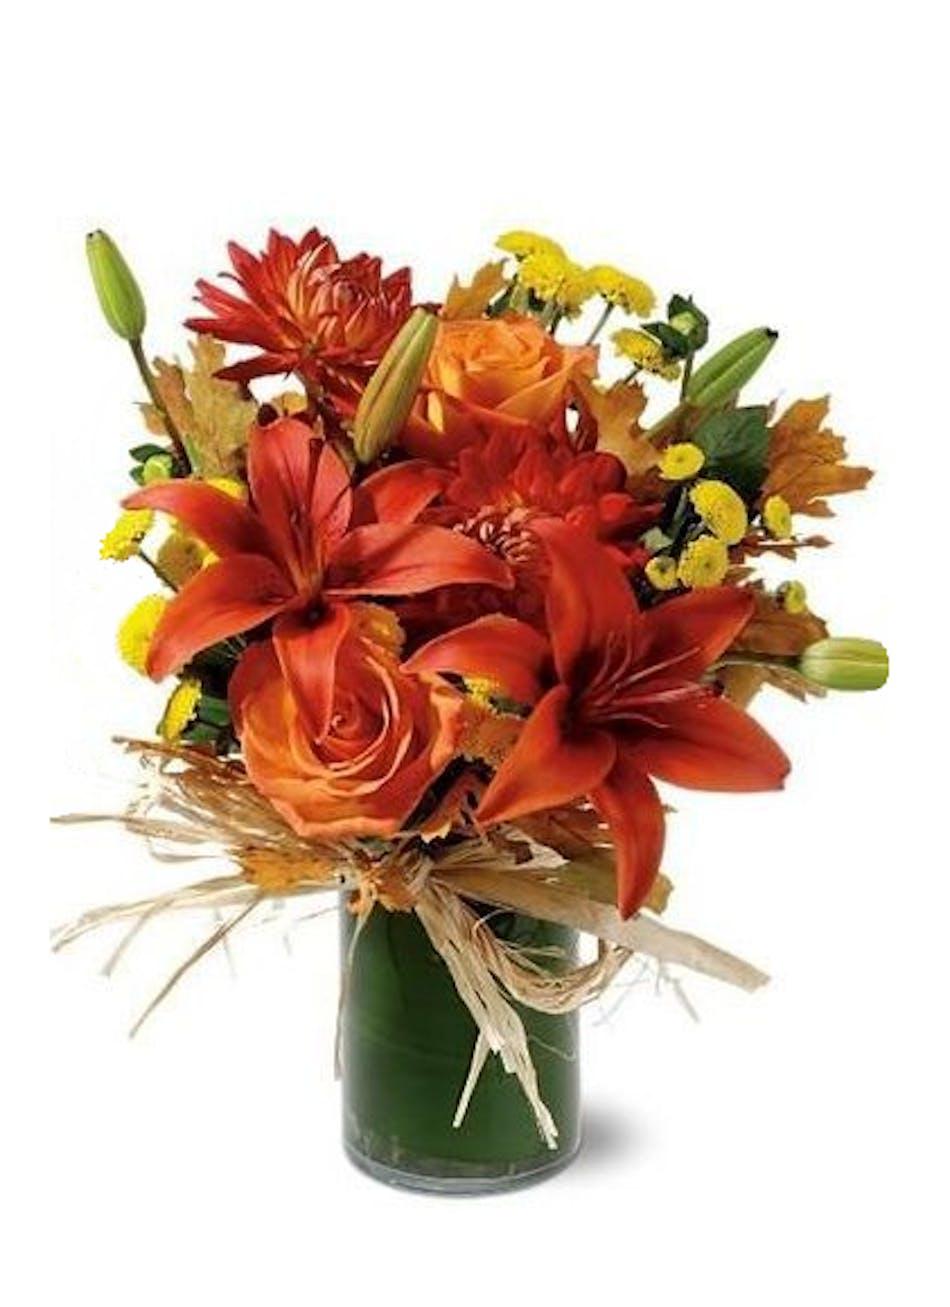 Autumn Flower Arrangements Orange Zest Design Carithers Florists